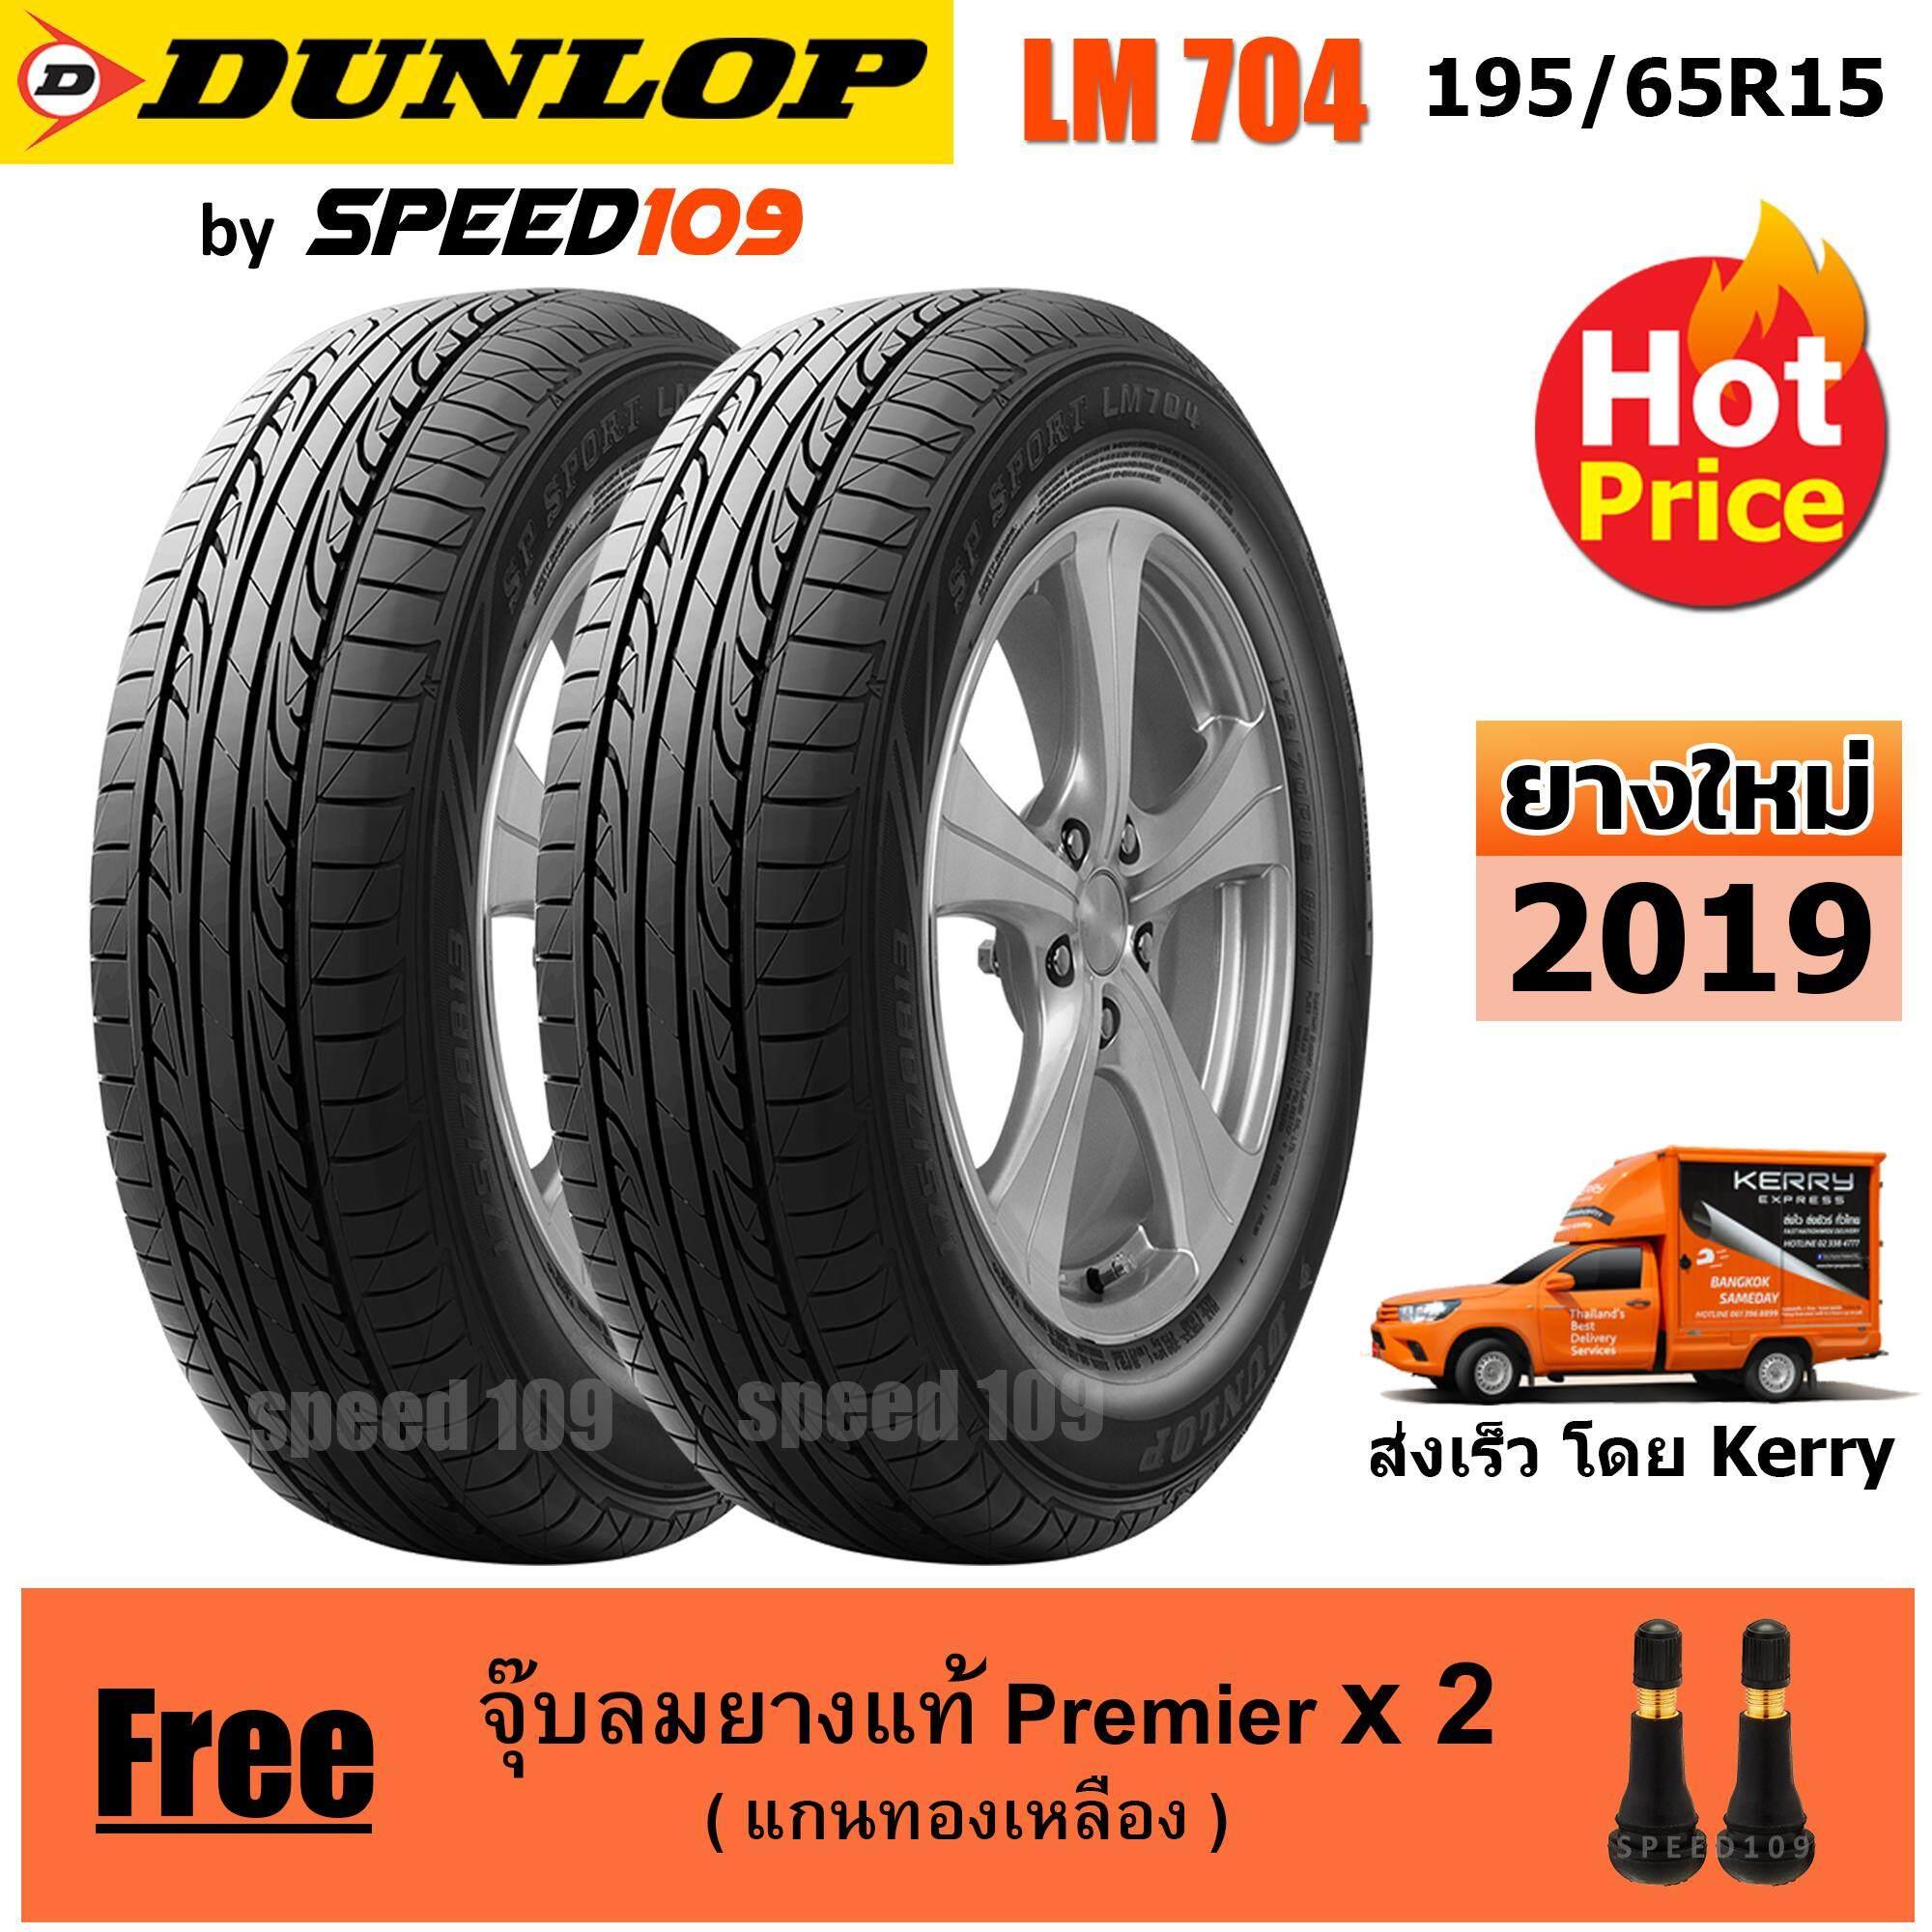 ลำพูน DUNLOP ยางรถยนต์ ขอบ 15 ขนาด 195/65R15 รุ่น SP SPORT LM704 - 2 เส้น (ปี 2019)